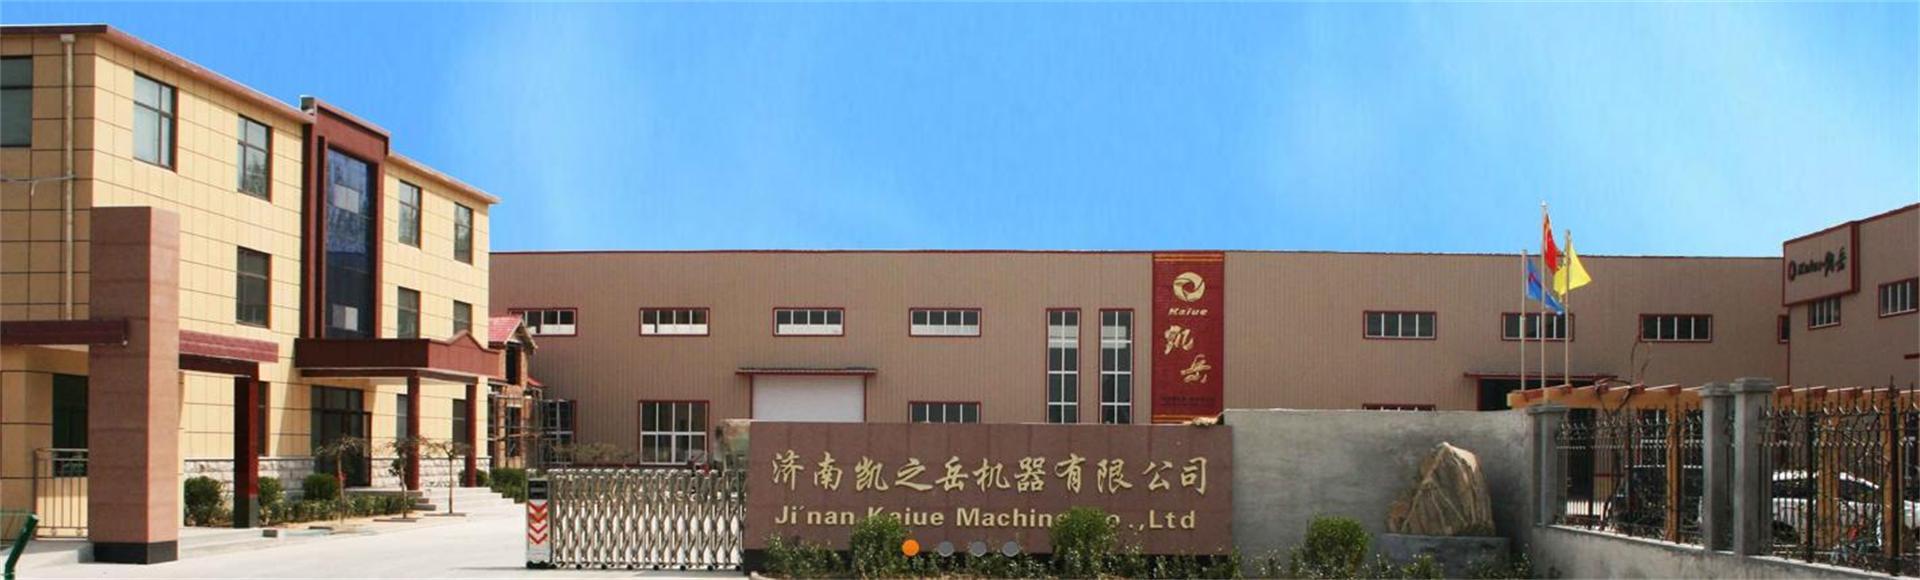 123工厂大门.JPG